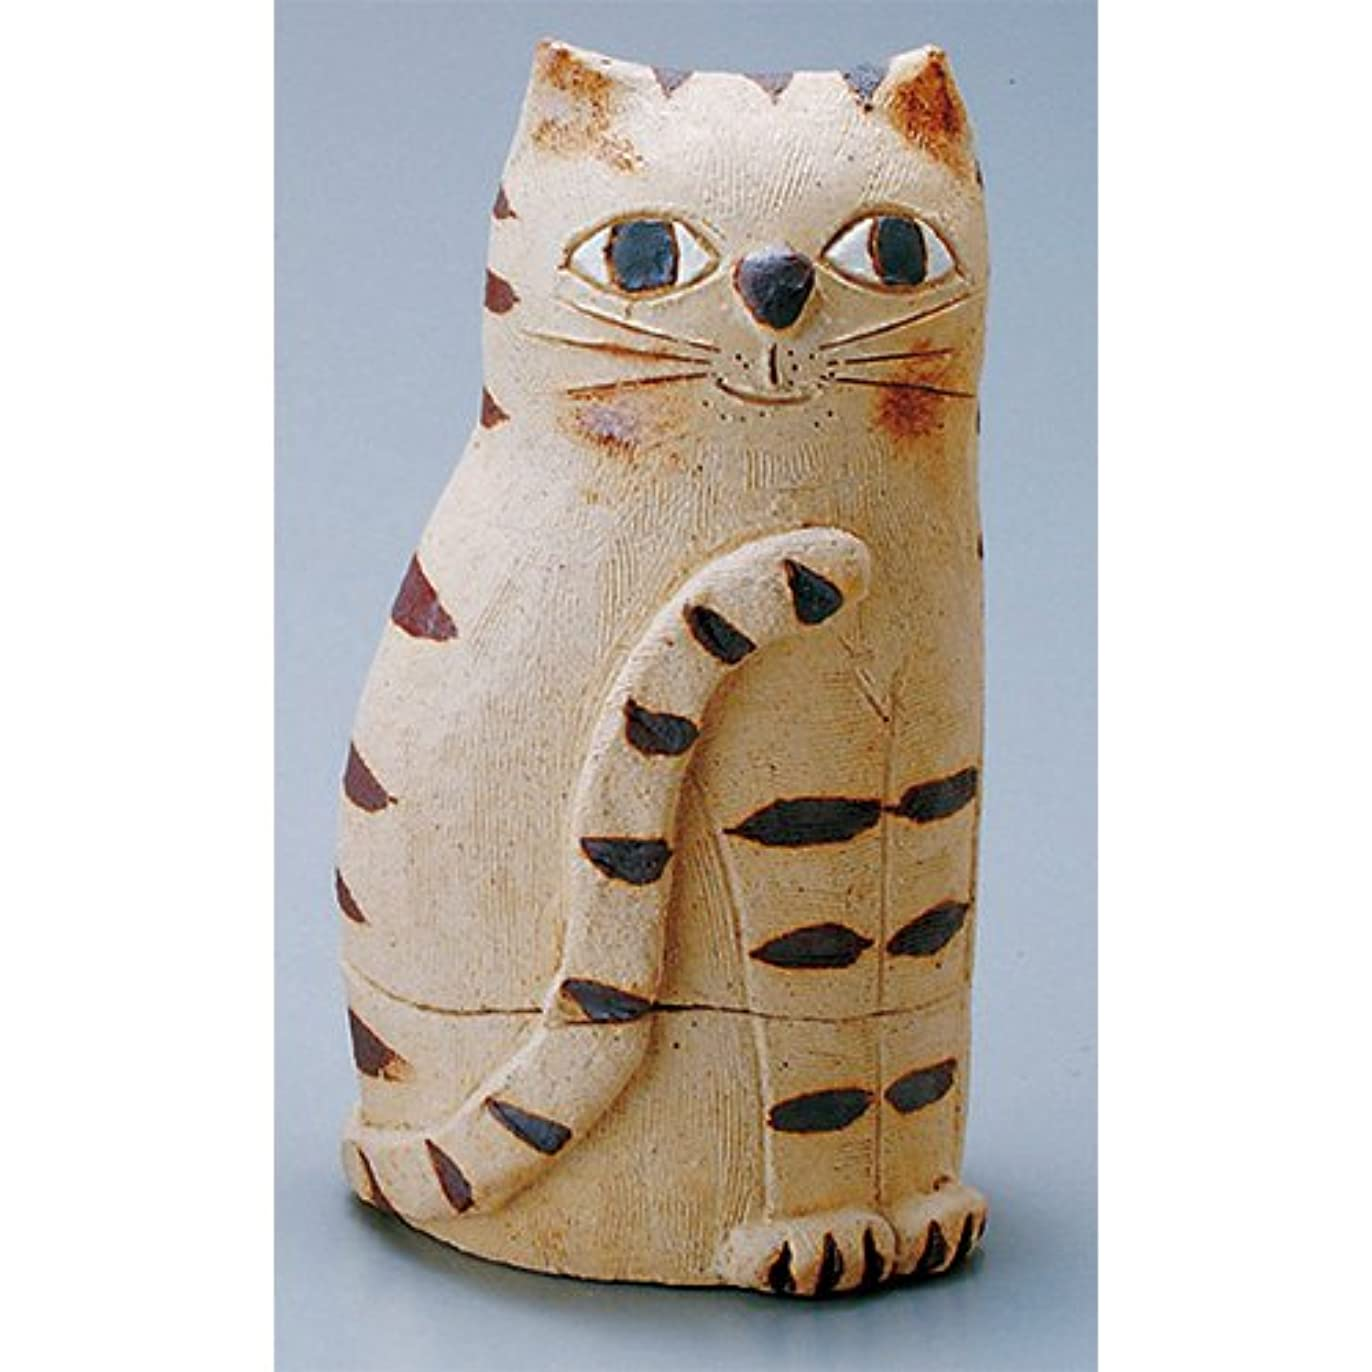 香炉 蔵猫 香炉(大) [H17cm] HANDMADE プレゼント ギフト 和食器 かわいい インテリア